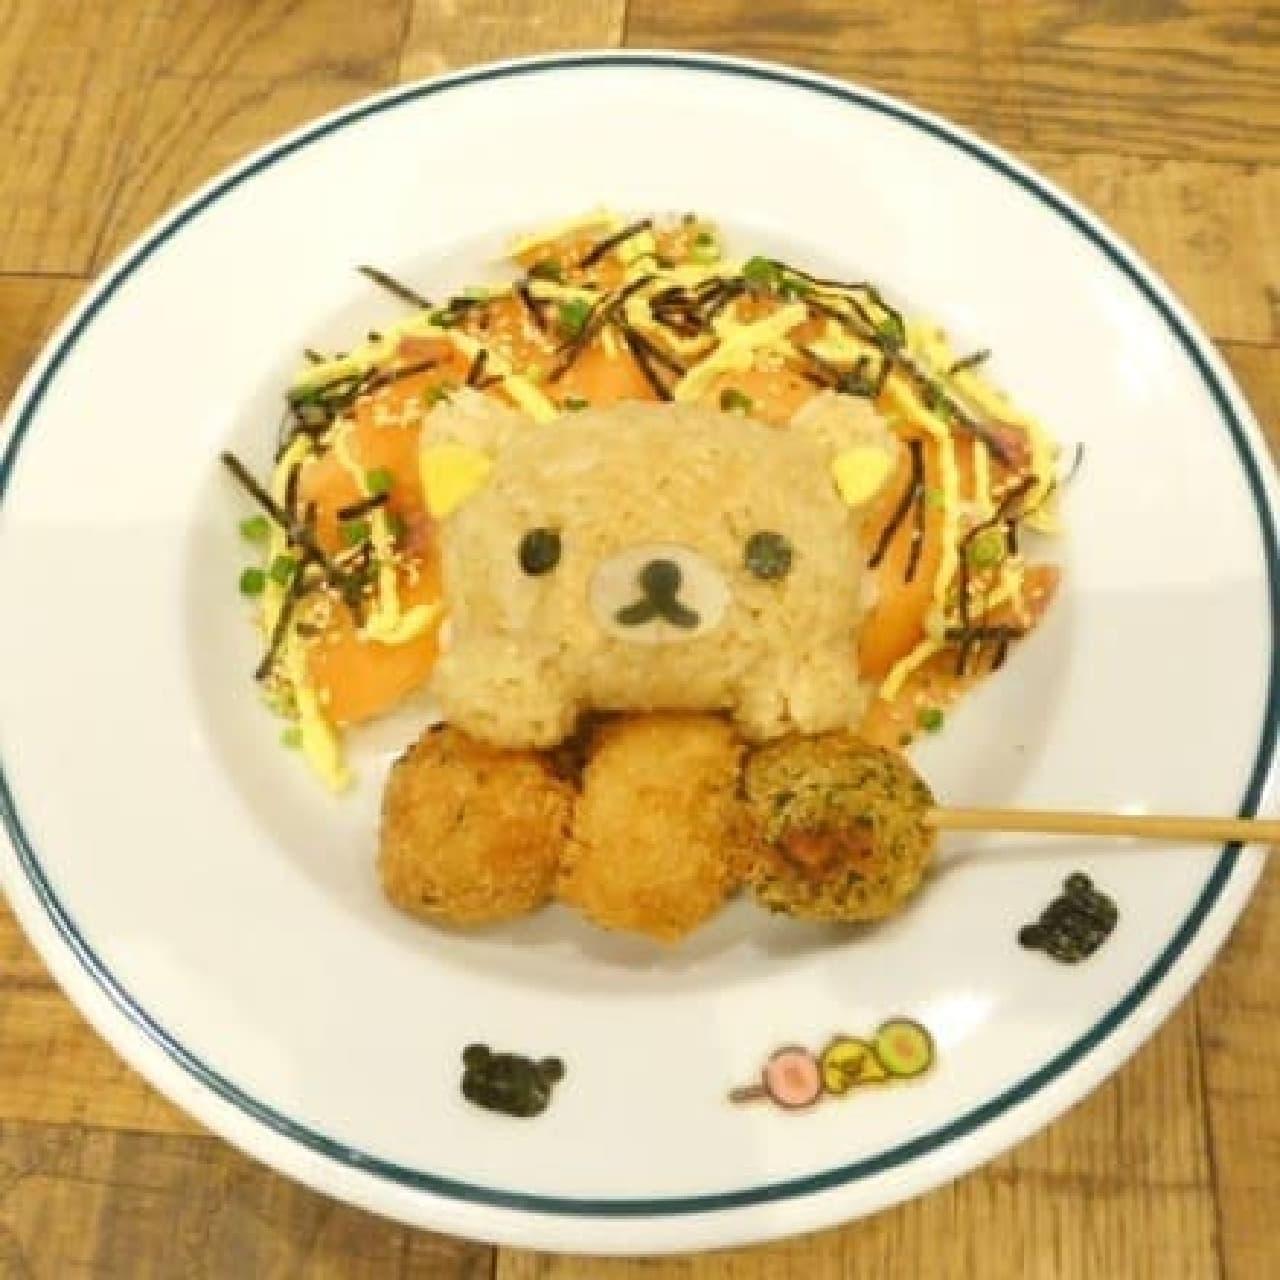 リラックマ×TOWER RECORDSキャンペーン2016、TOWER RECORDS CAFE梅田NU茶屋街店、リラックマのちらし丼